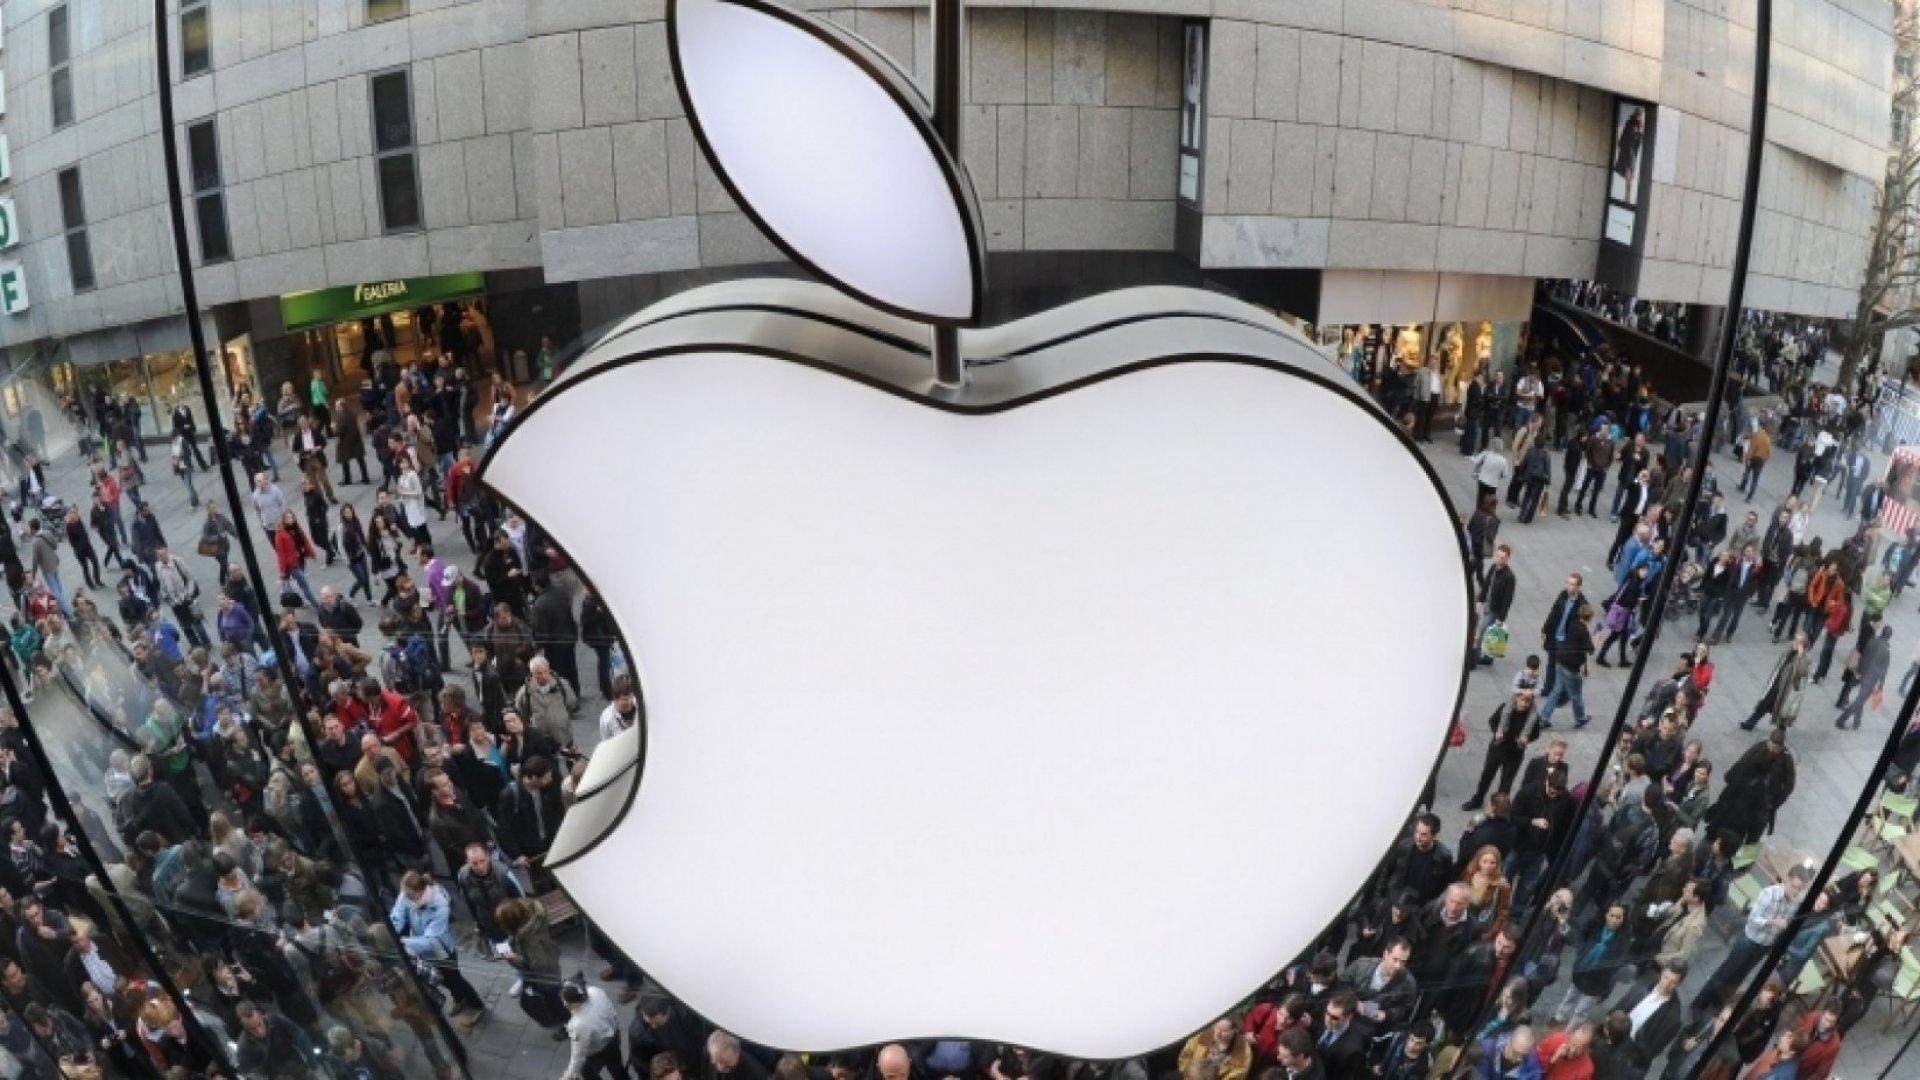 Apple Store Designer Reveals the Secret of Great Retail Design